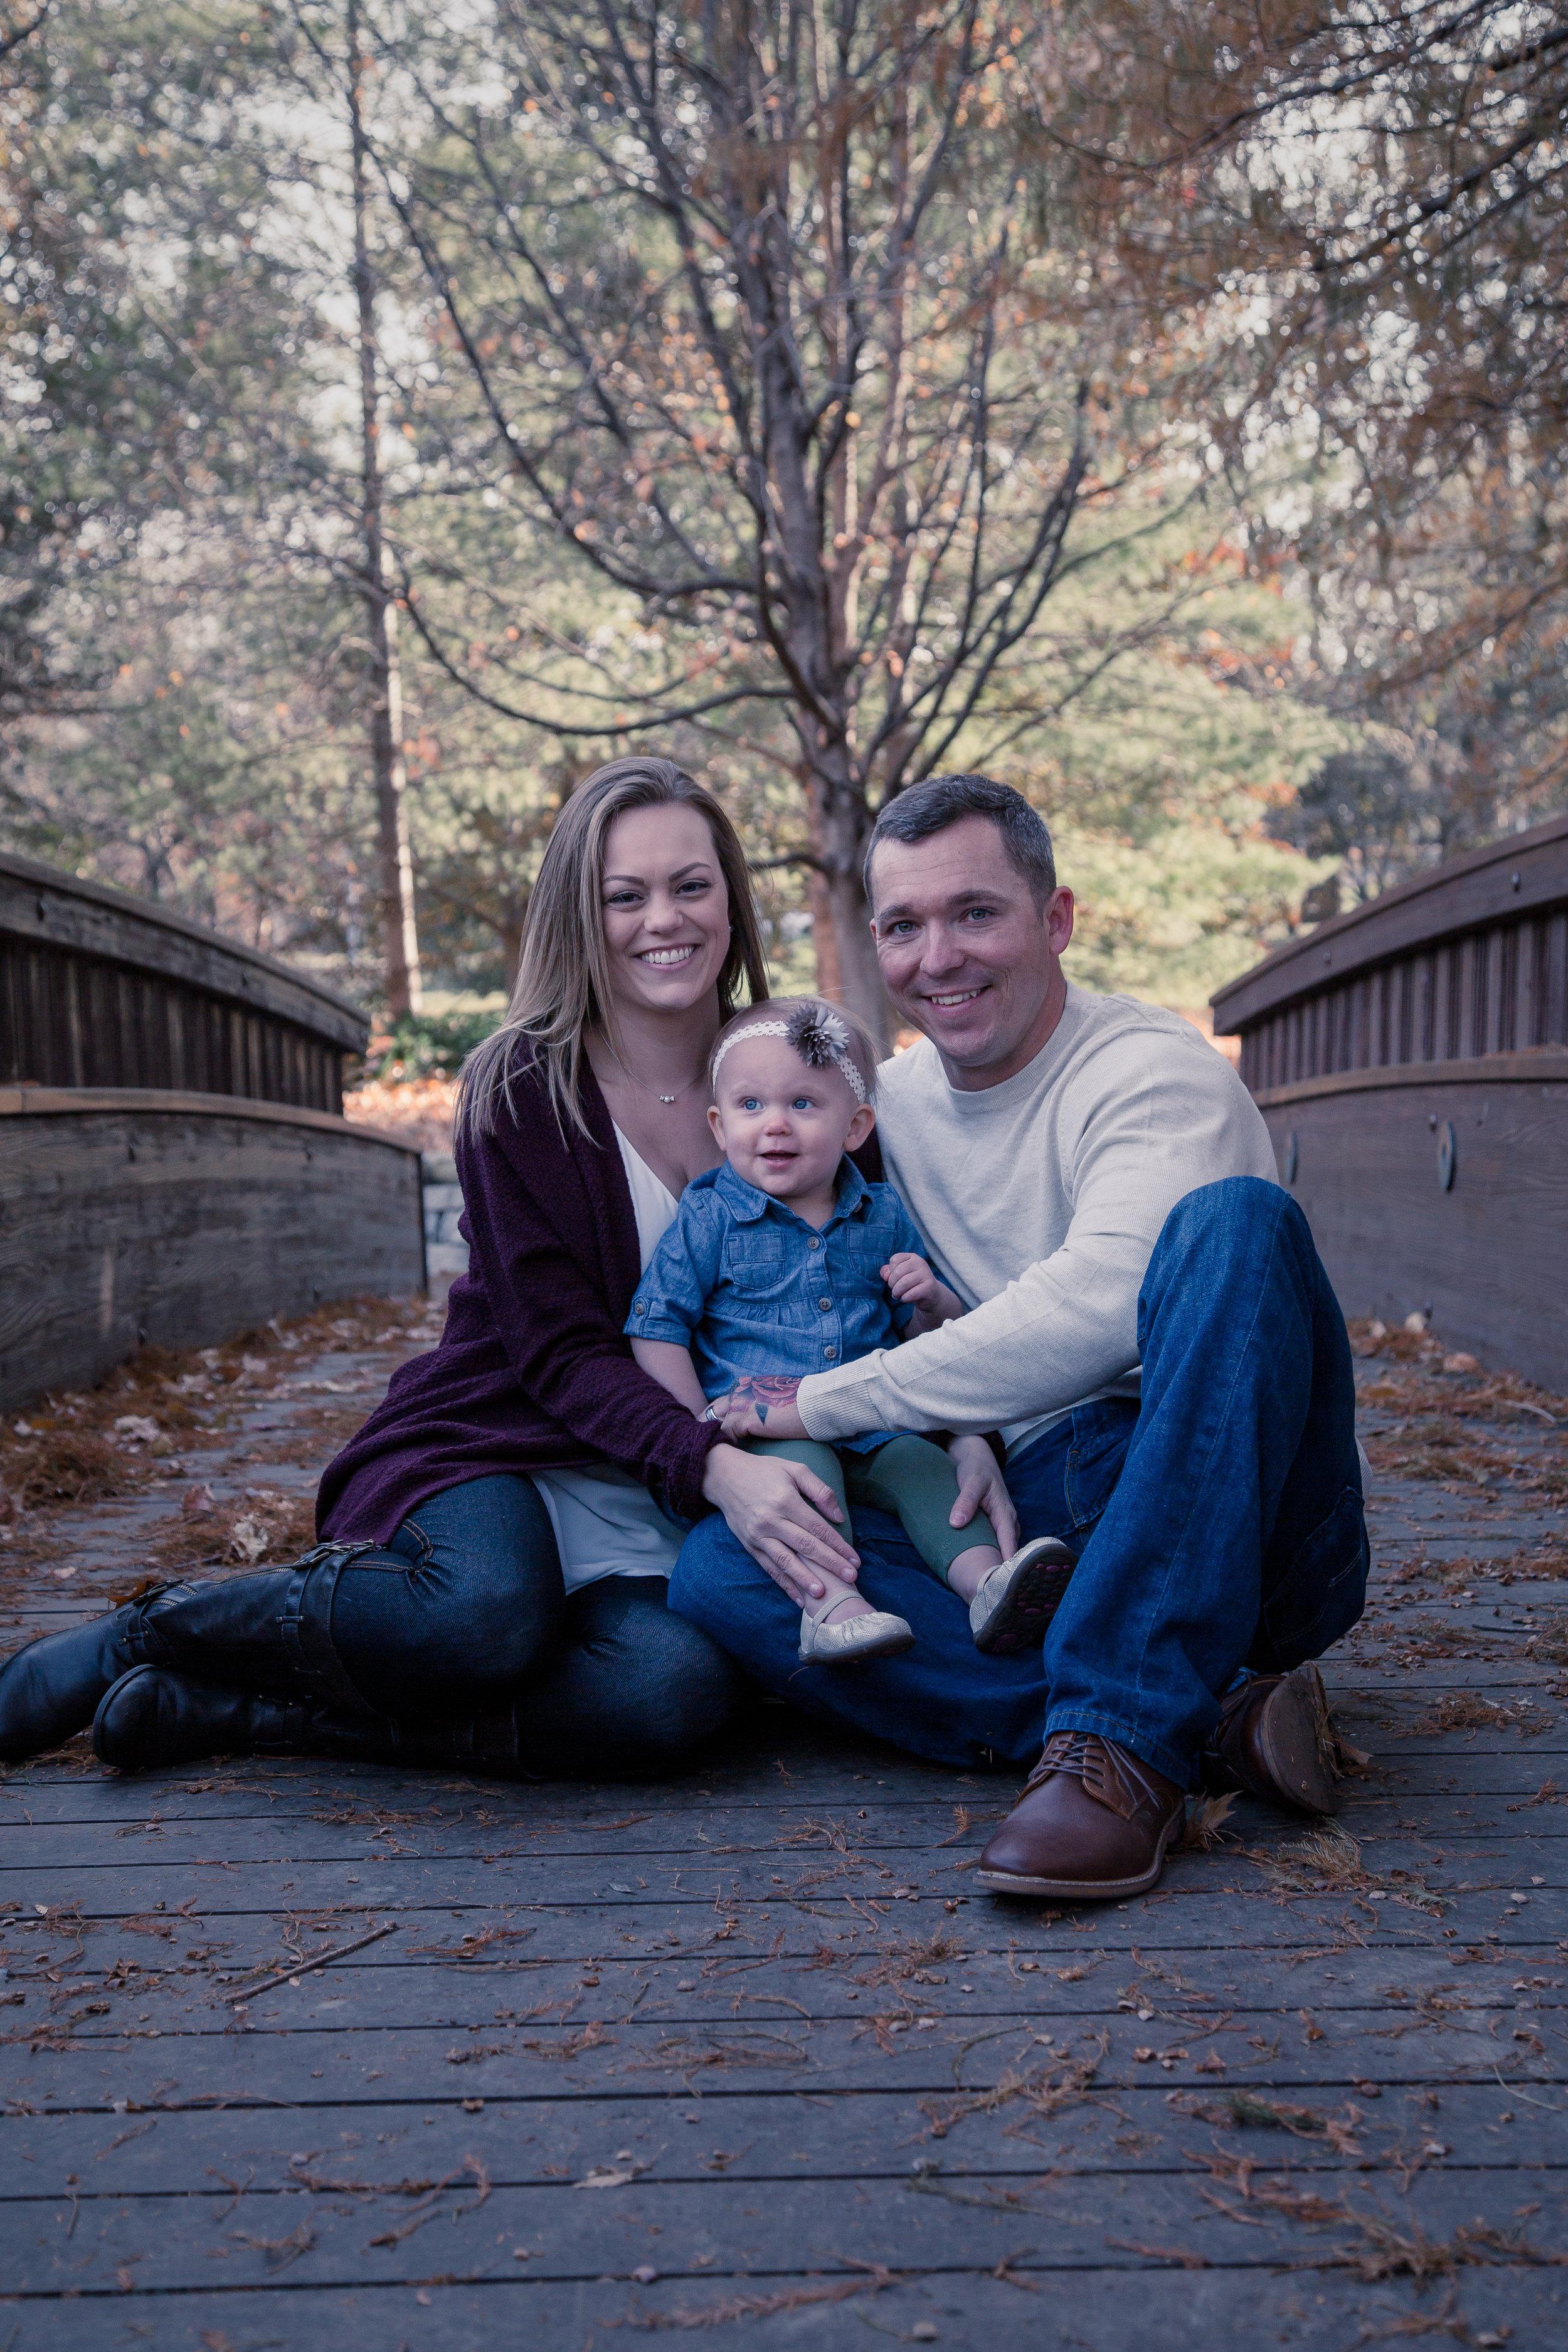 Bennett-Burrell Family Photos 2018 (29 of 39).jpg